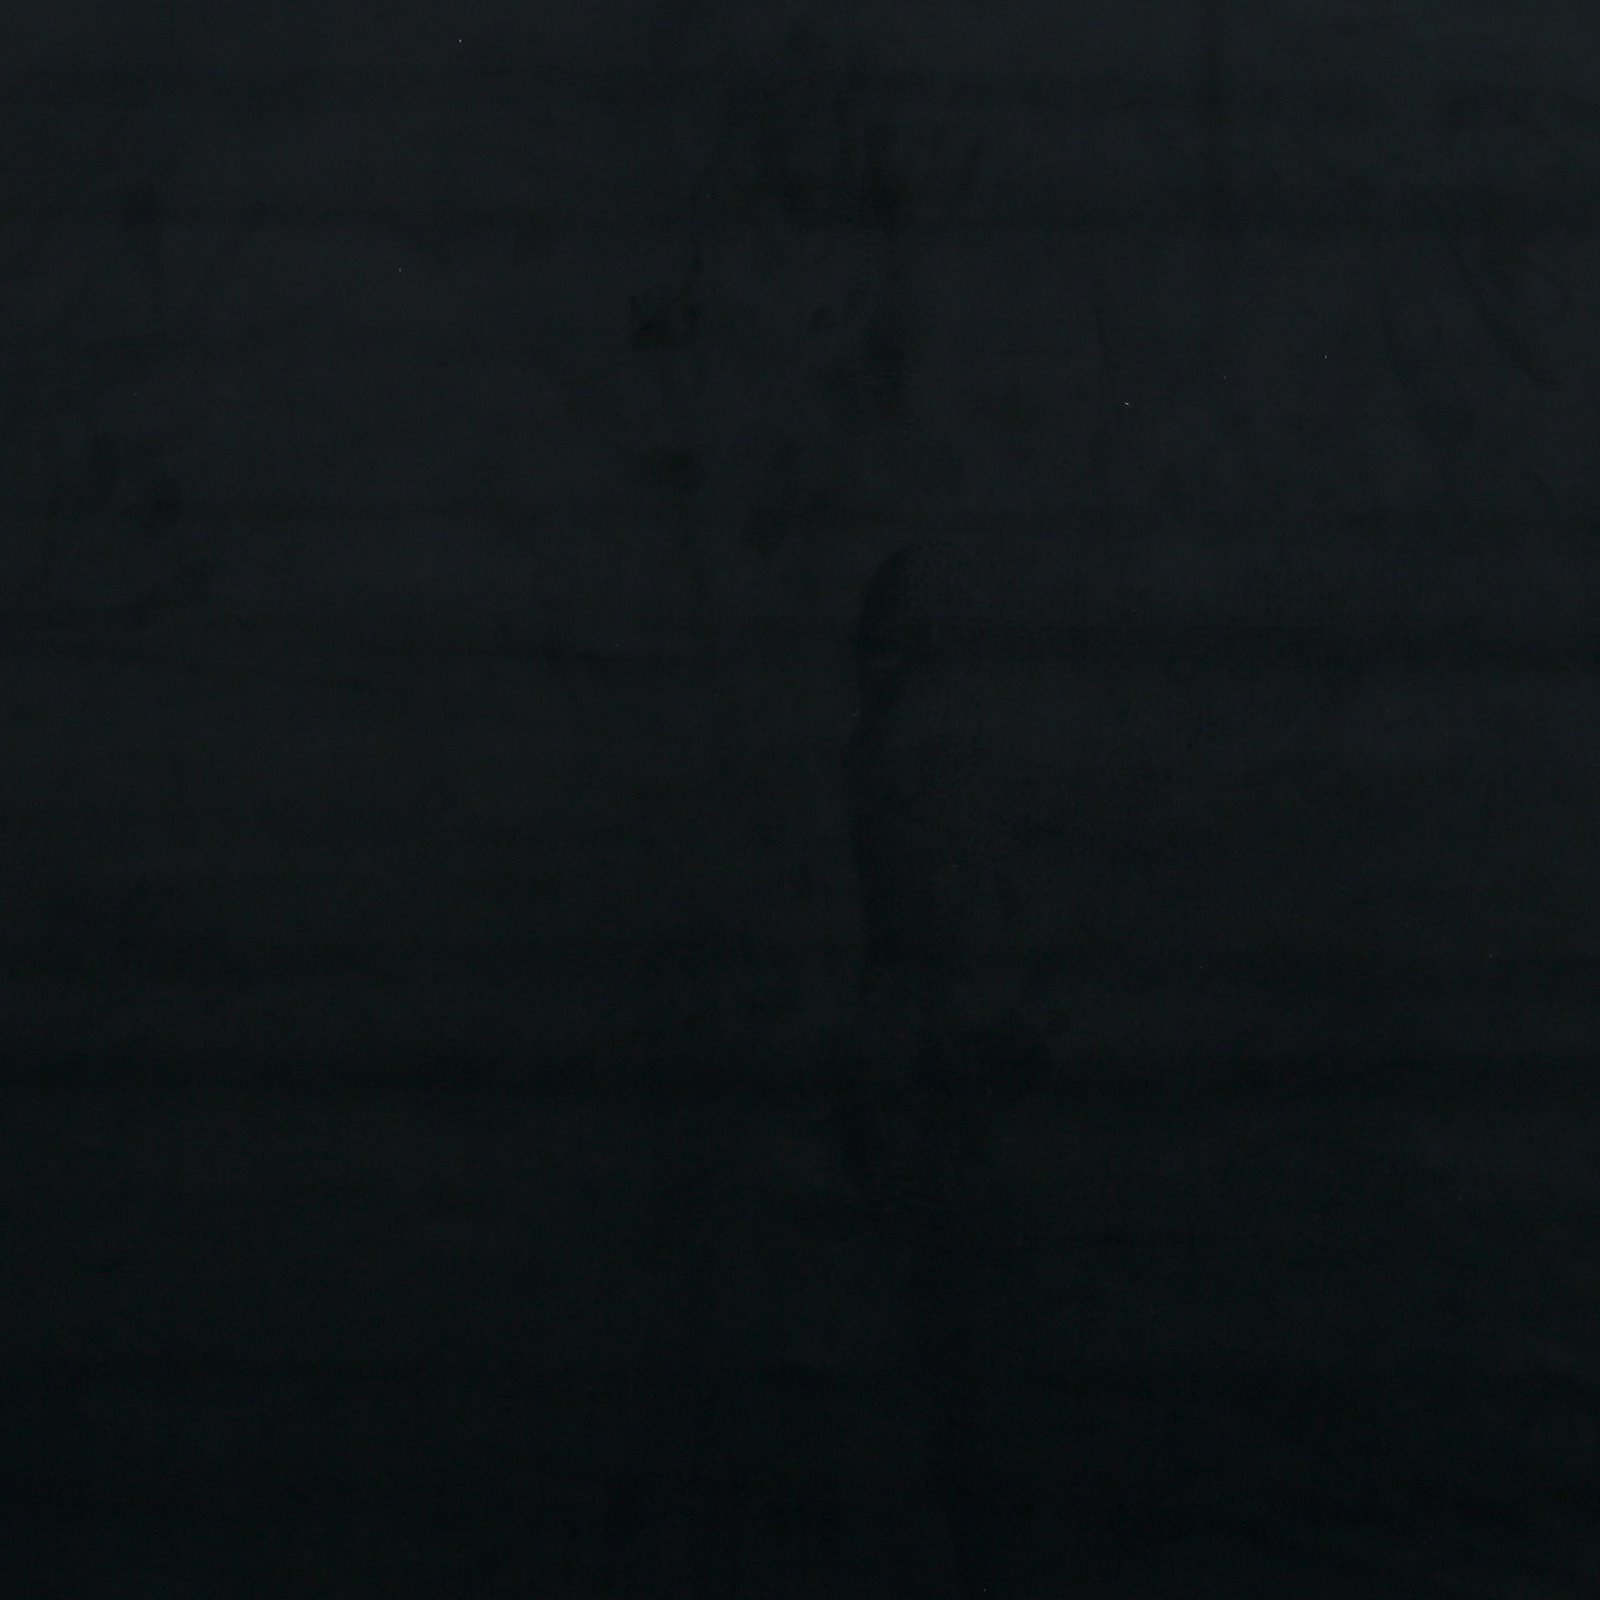 Upholstery shiny velvet black 824167_pack_solid